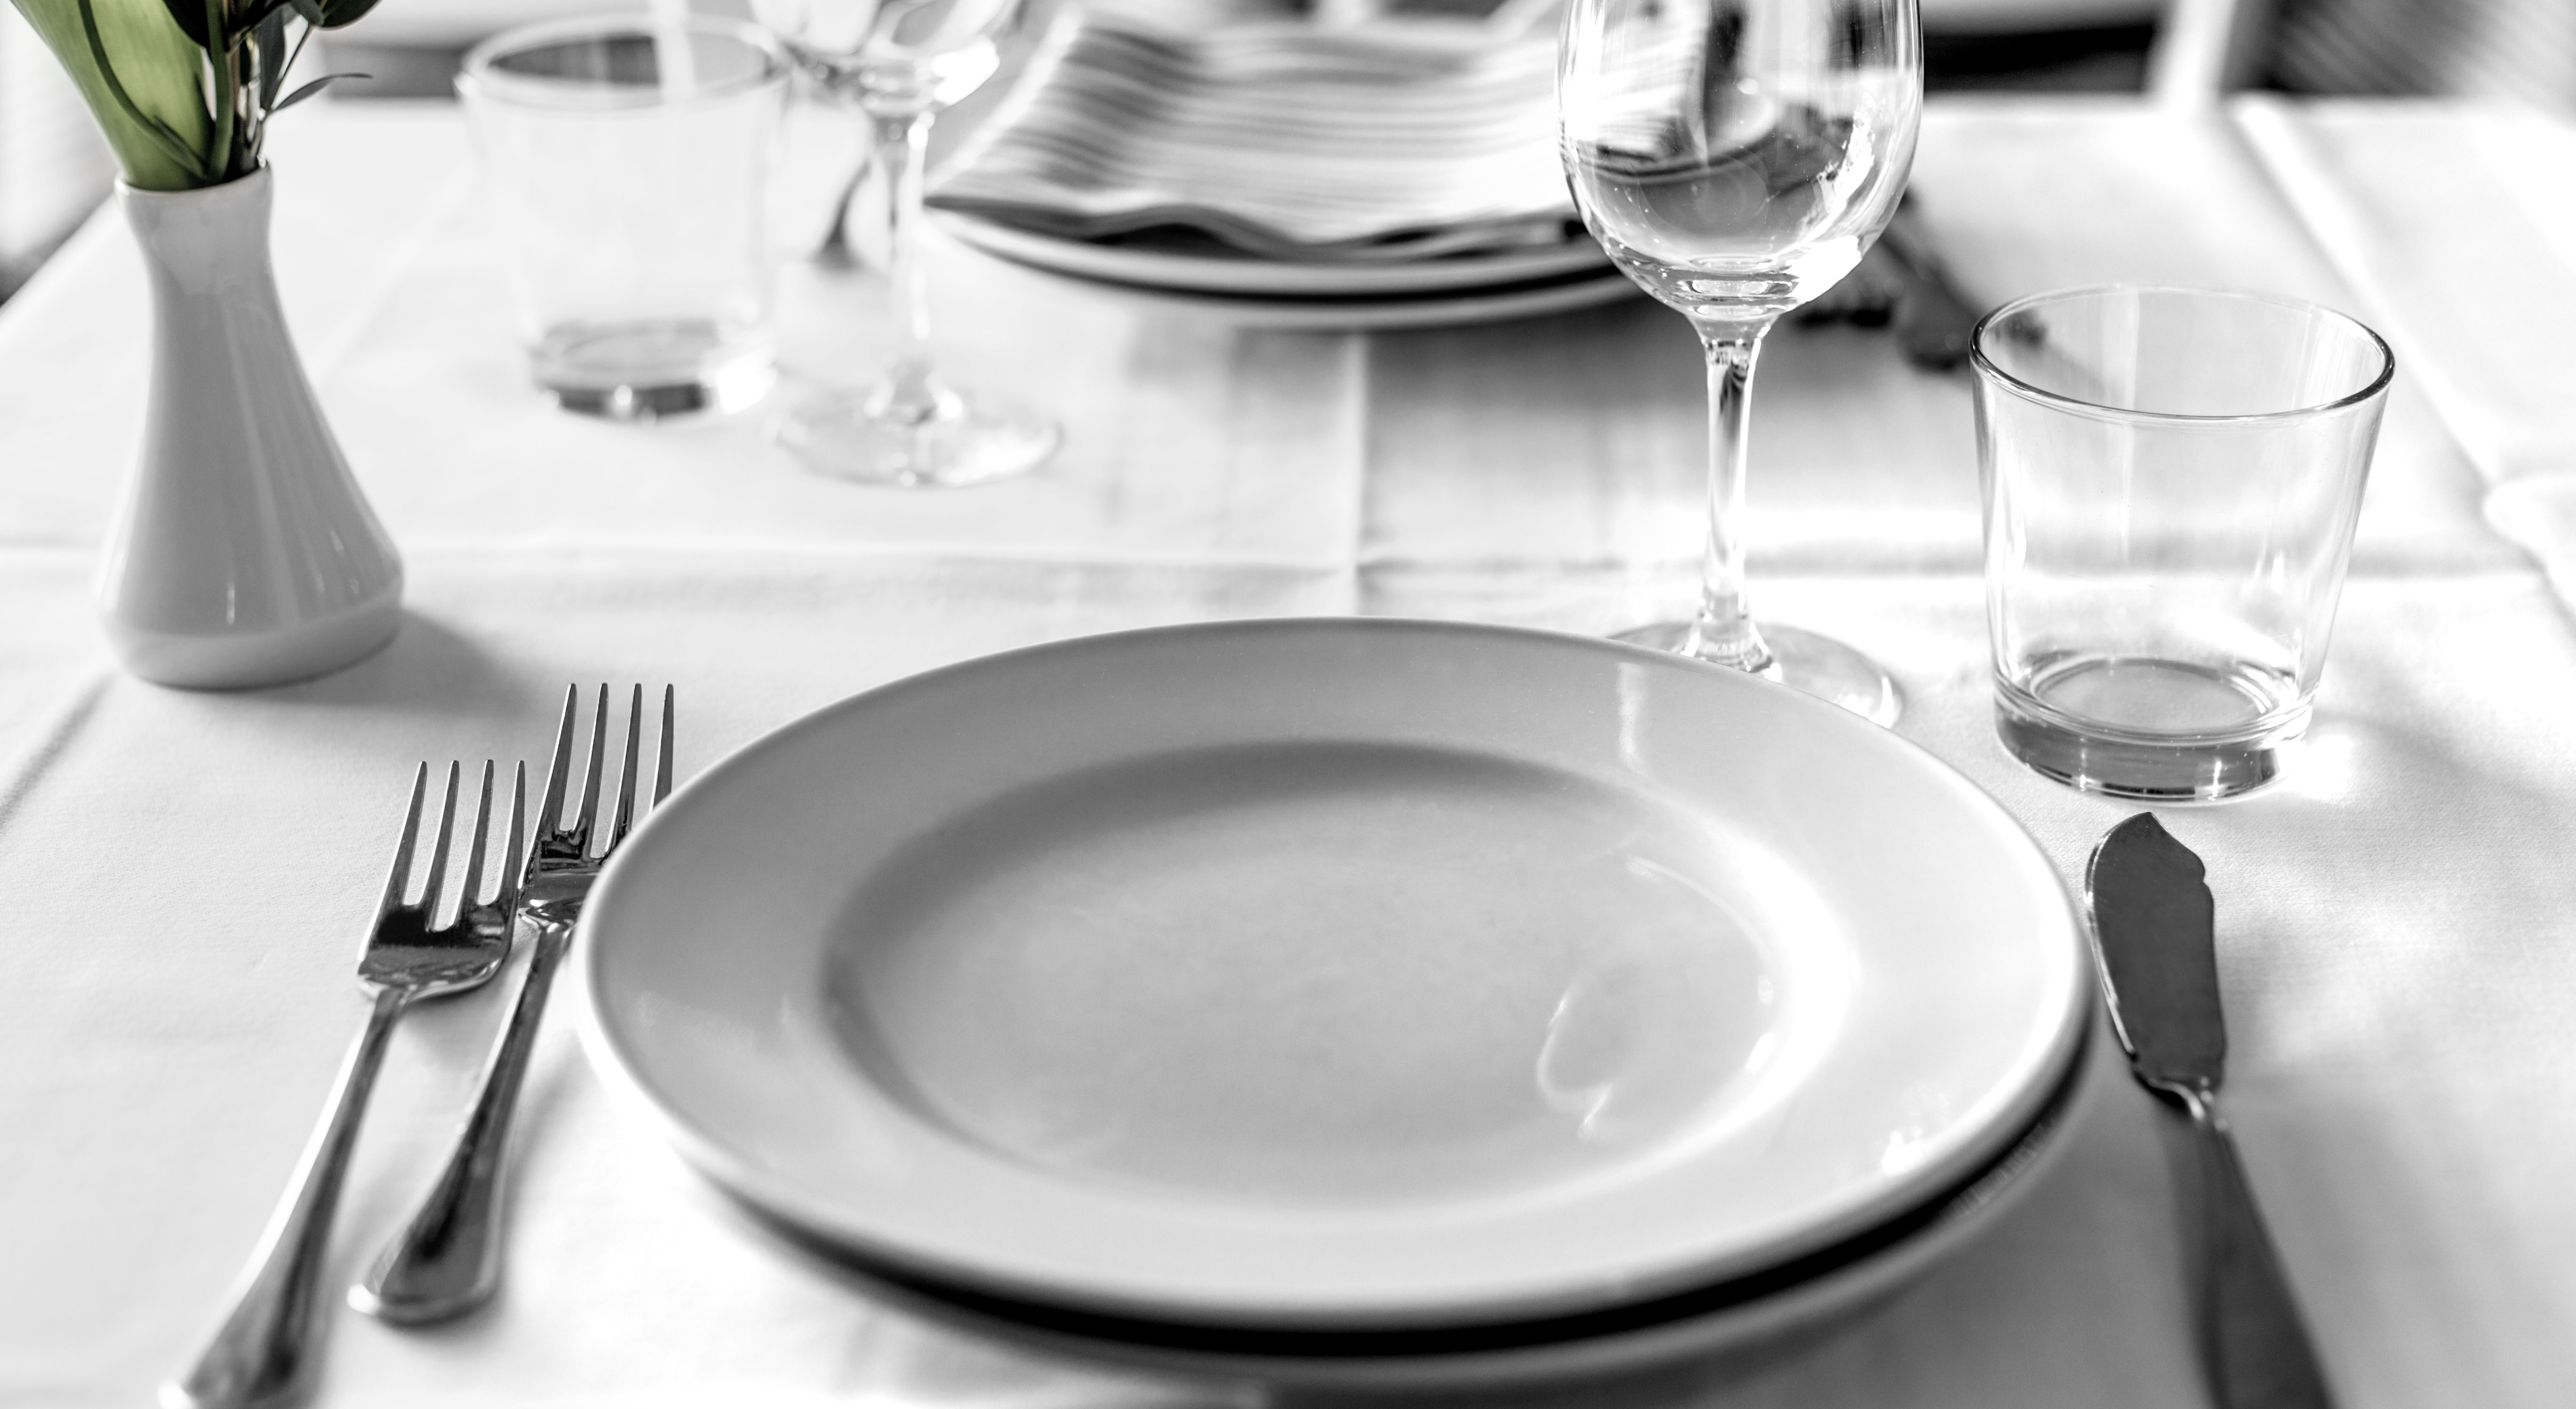 Come si apparecchia la tavola secondo il galateo aia food - Apparecchiare la tavola bicchieri ...